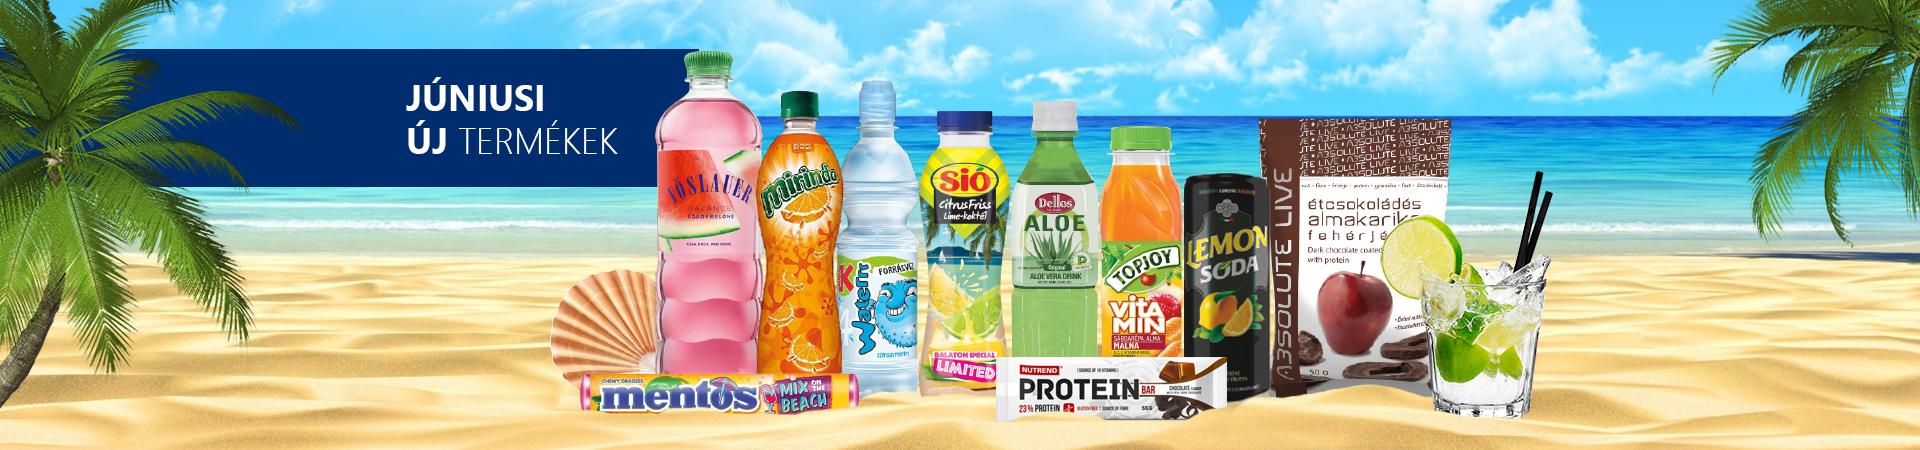 Júniusi új termékek